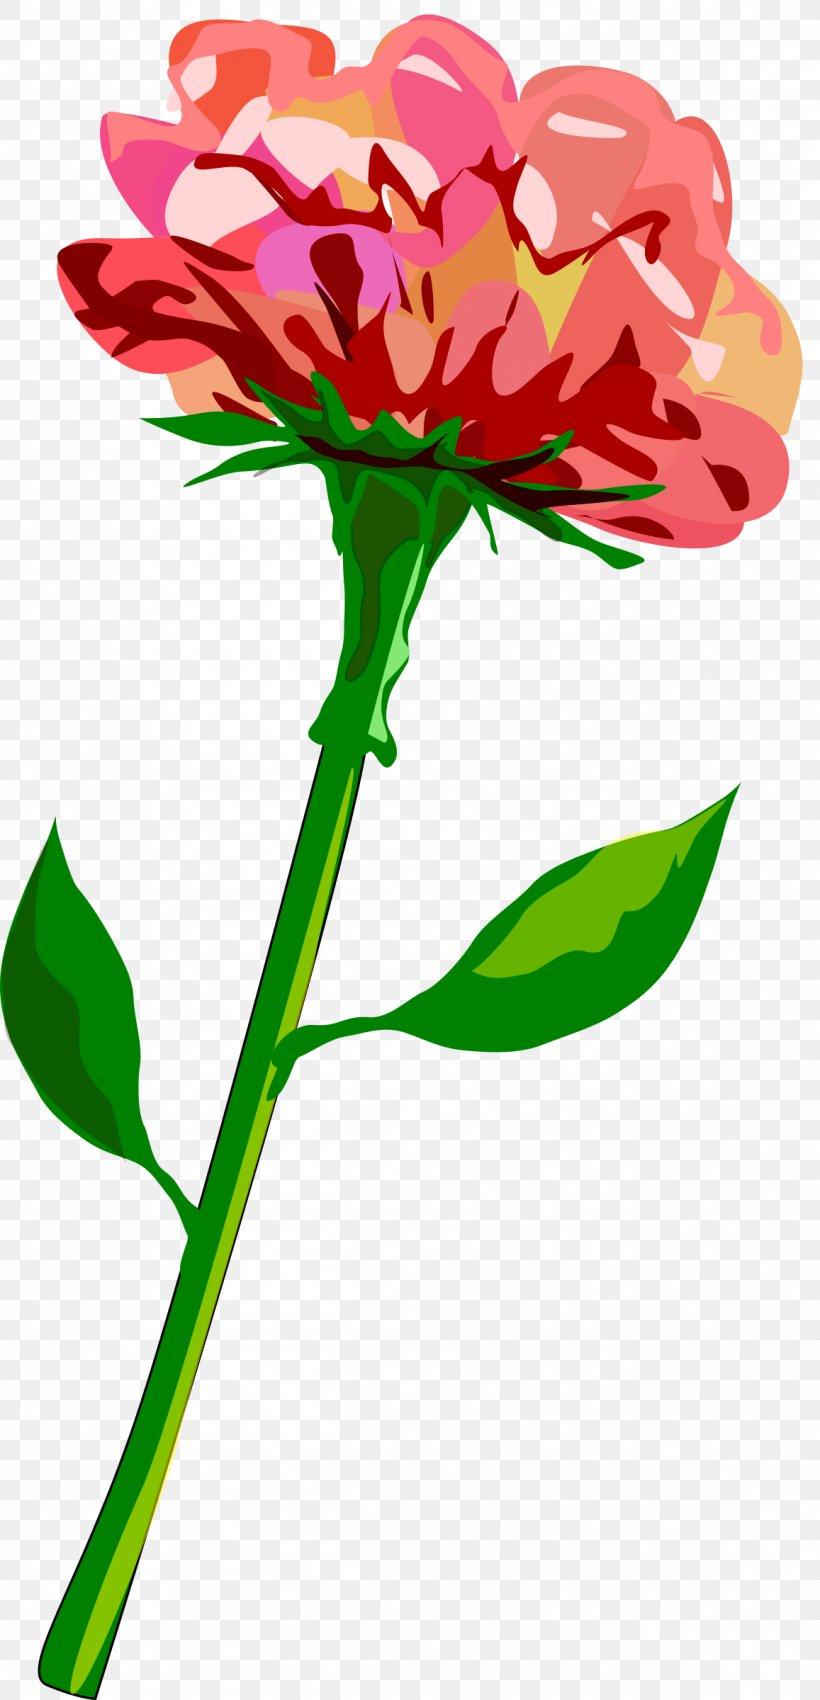 Plant Stem Flower Tulip Clip Art, PNG, 1157x2400px, Plant.